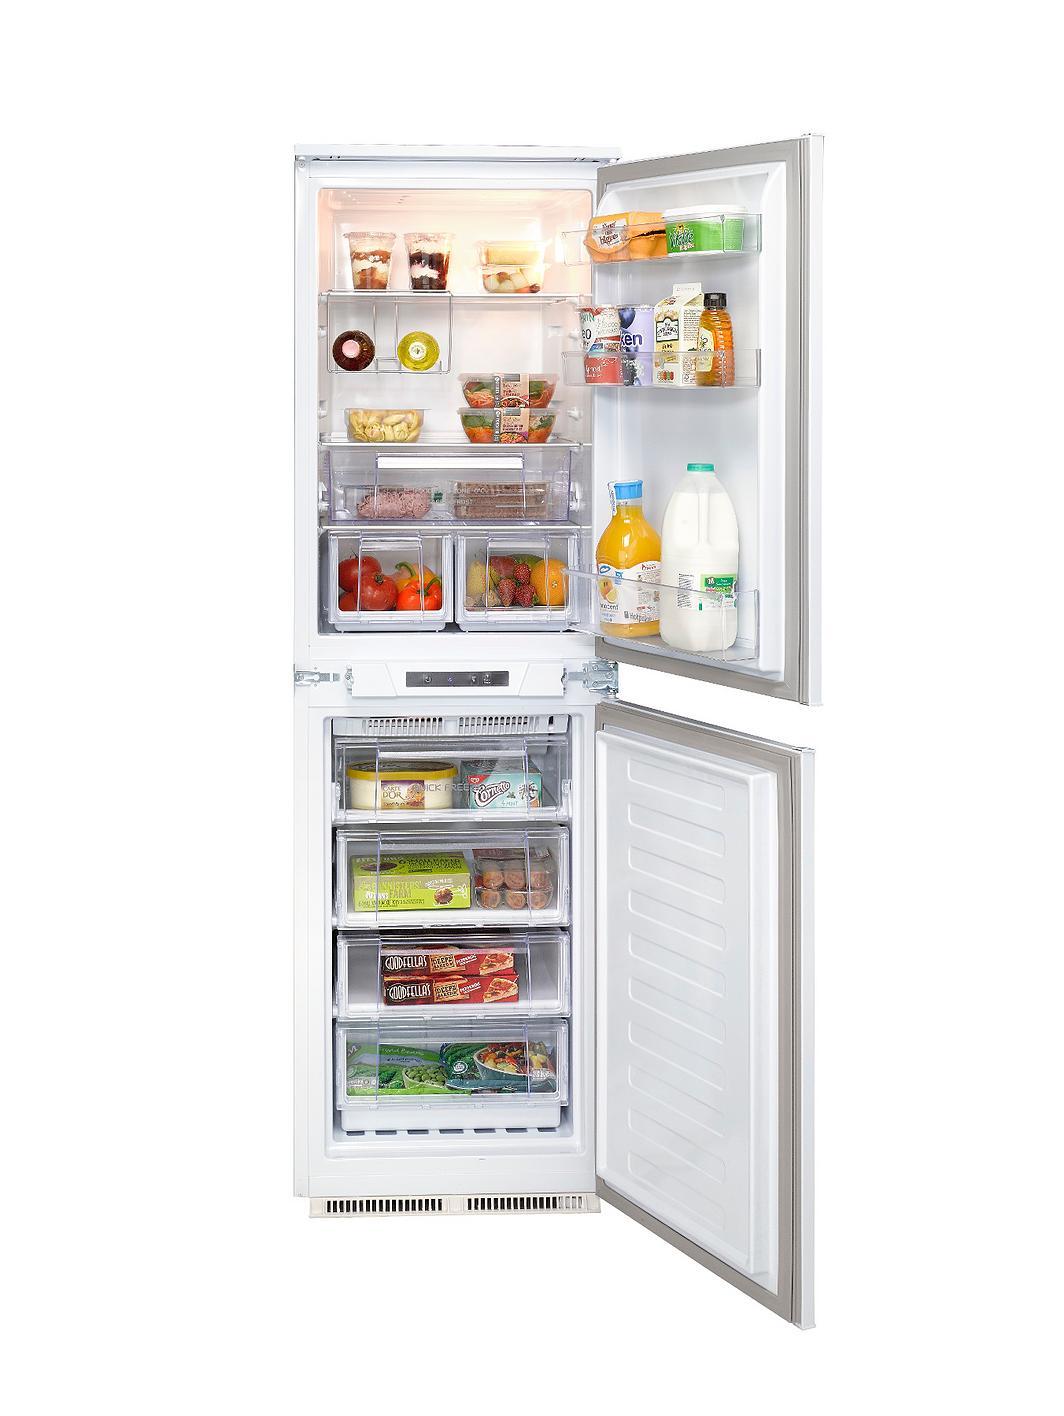 hotpoint hrf3114uk integrated fridge freezer. Black Bedroom Furniture Sets. Home Design Ideas